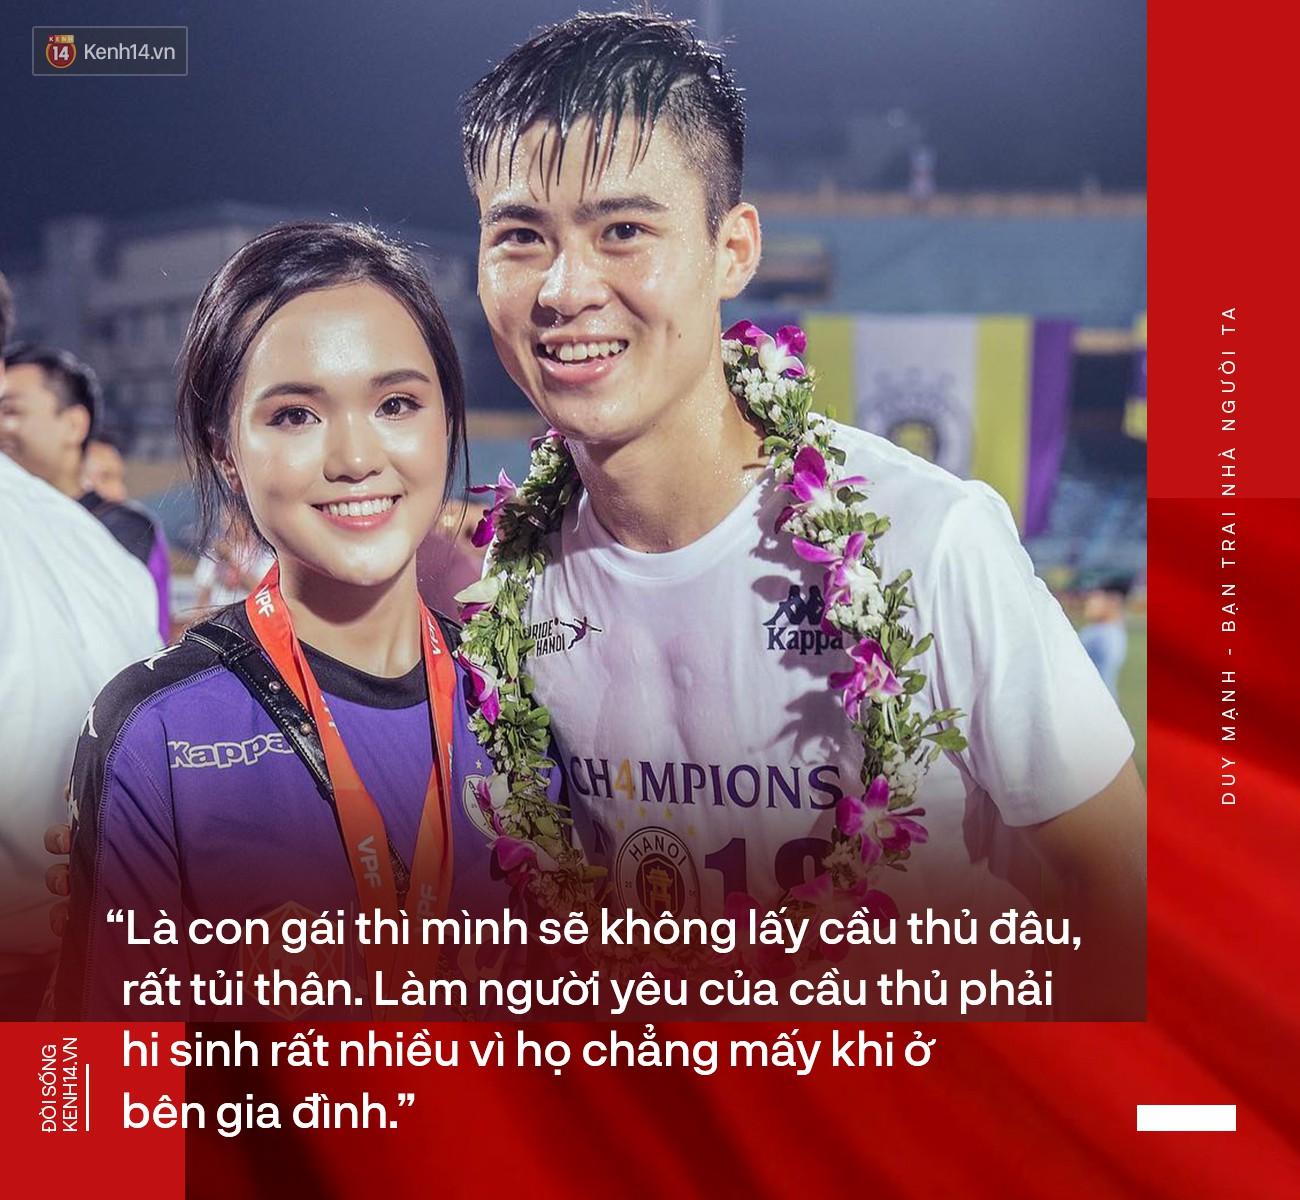 'Bạn trai nhà người ta' Duy Mạnh: Chiến thắng, vinh quang hay mọi điều tốt đẹp nhất đều dành tặng bạn gái 2